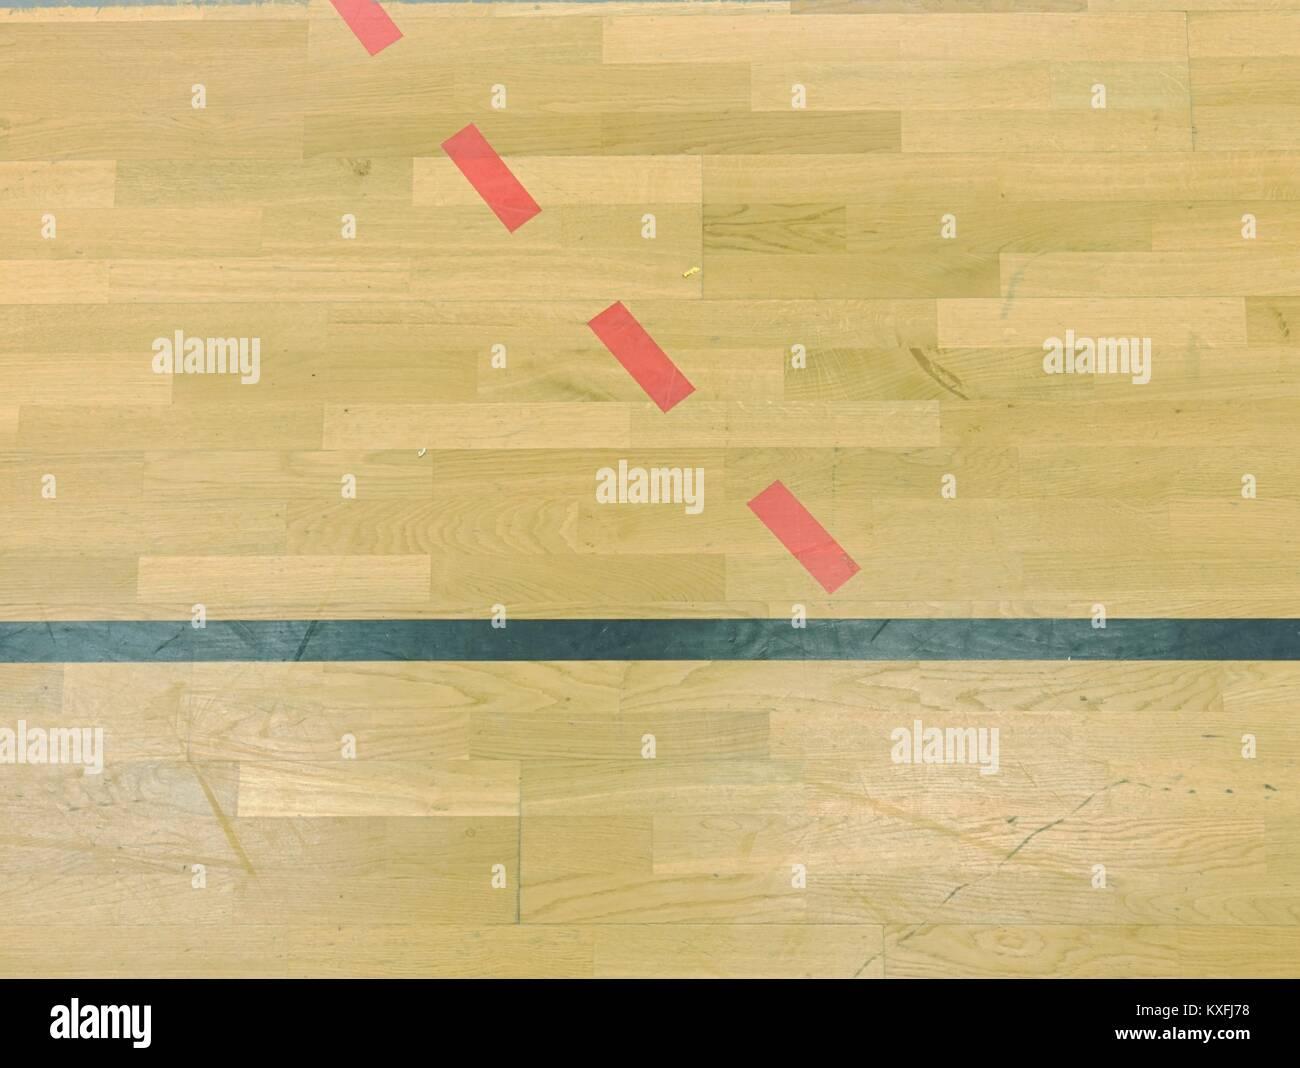 holzboden in sporting hall mit soliden und gepunktete linien. licht